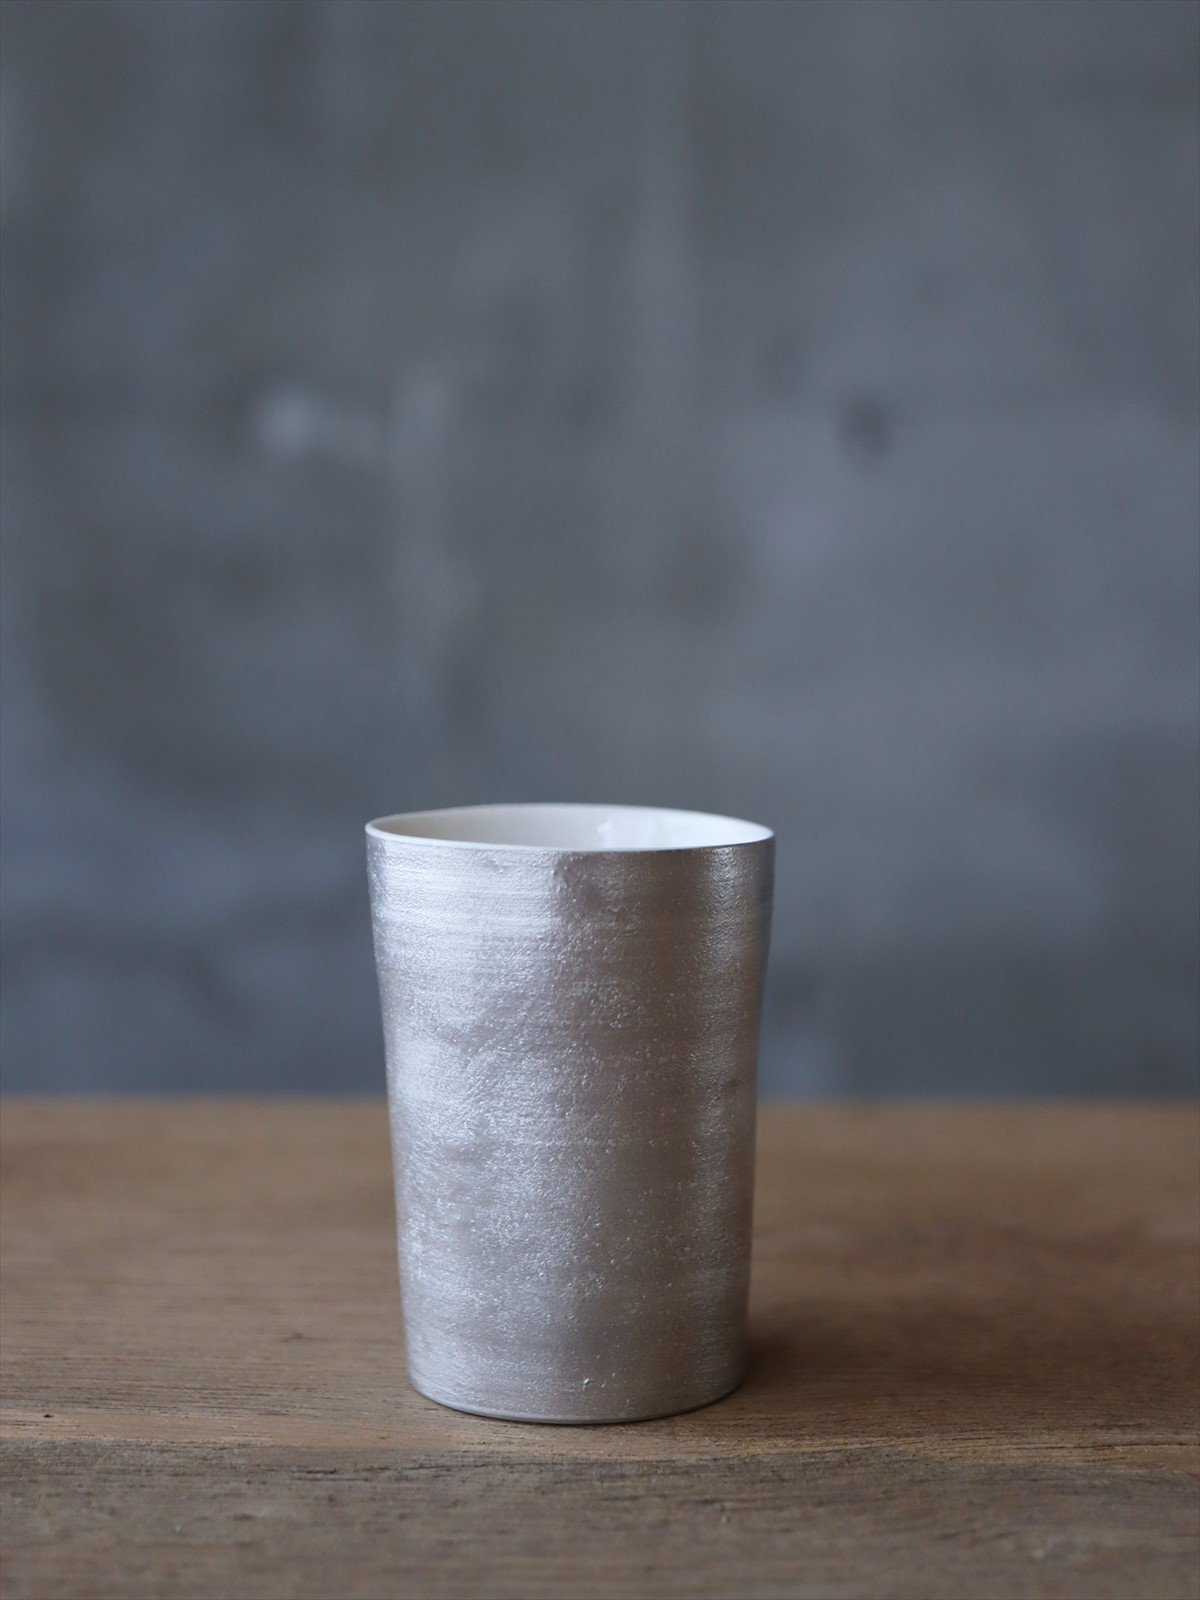 松本美弥子 月白カップ 銀×白 G